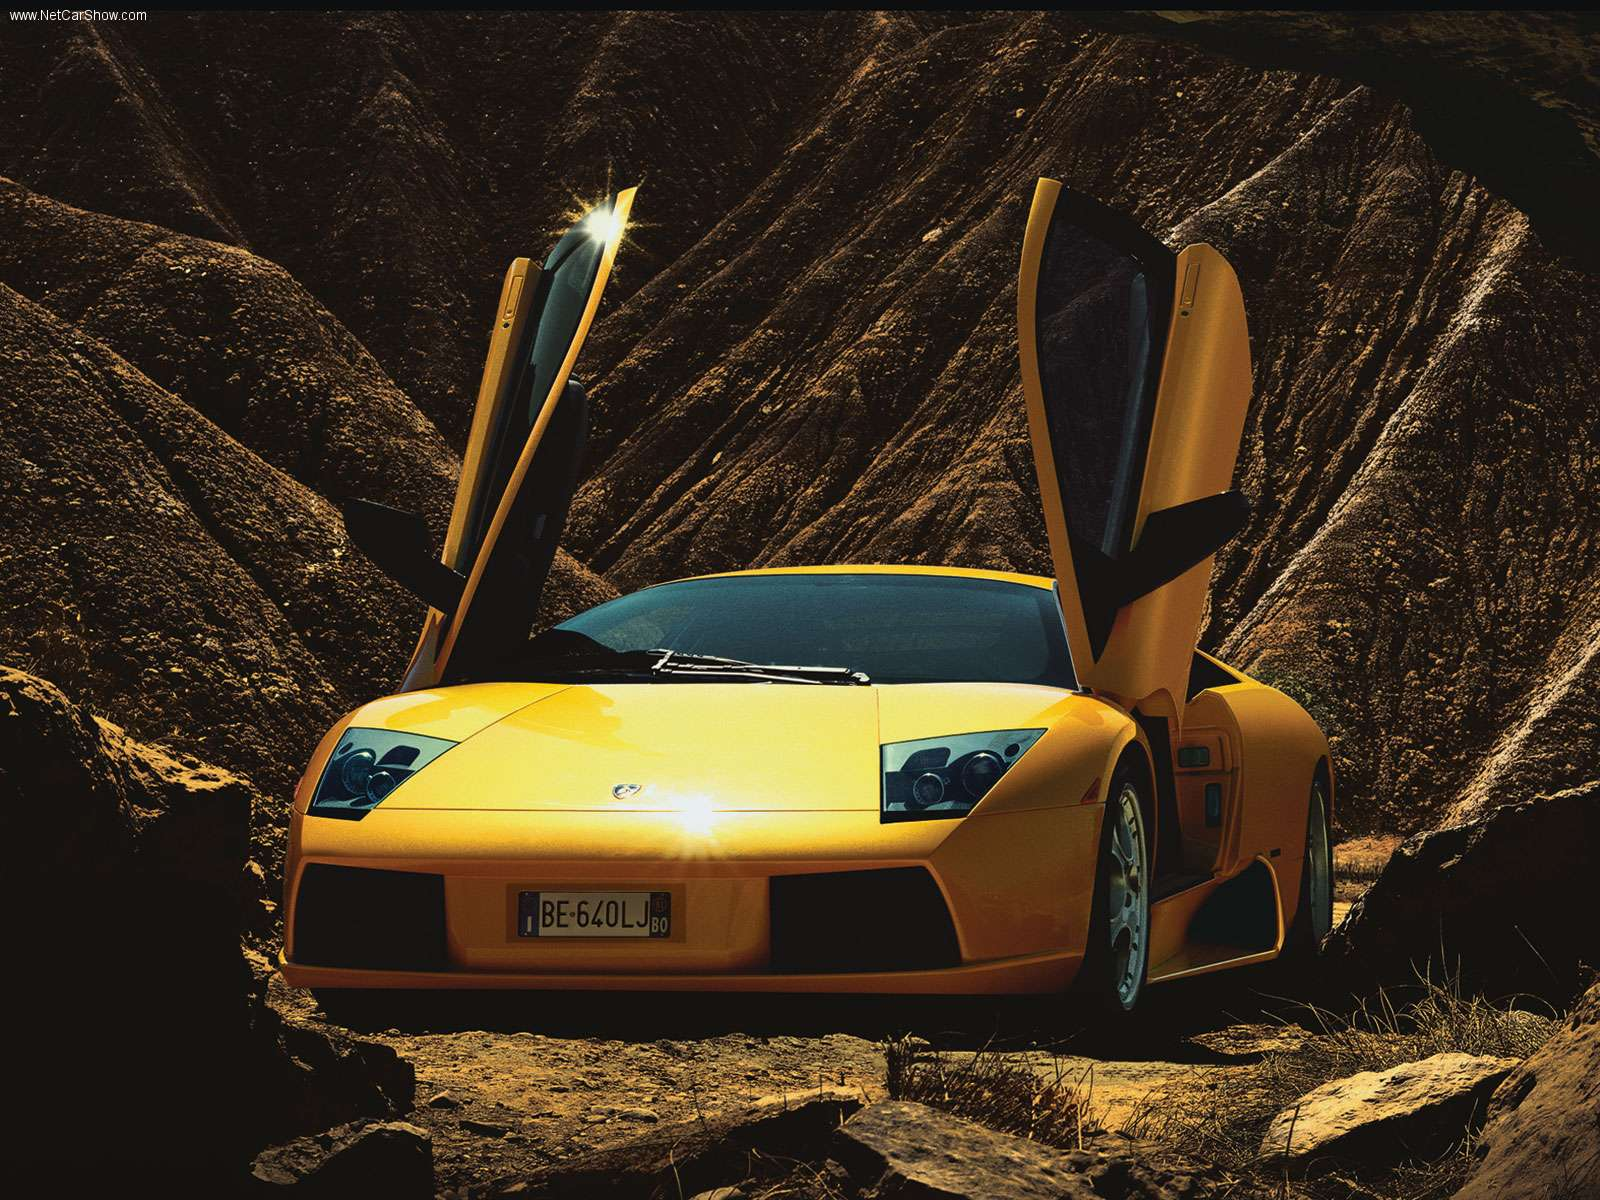 http://4.bp.blogspot.com/-jiZlftpPDbc/TrJZQD-CeqI/AAAAAAAAA_s/zxvipTqluzo/s1600/Lamborghini-Murcielago_2002_1600x1200_wallpaper_01.jpg